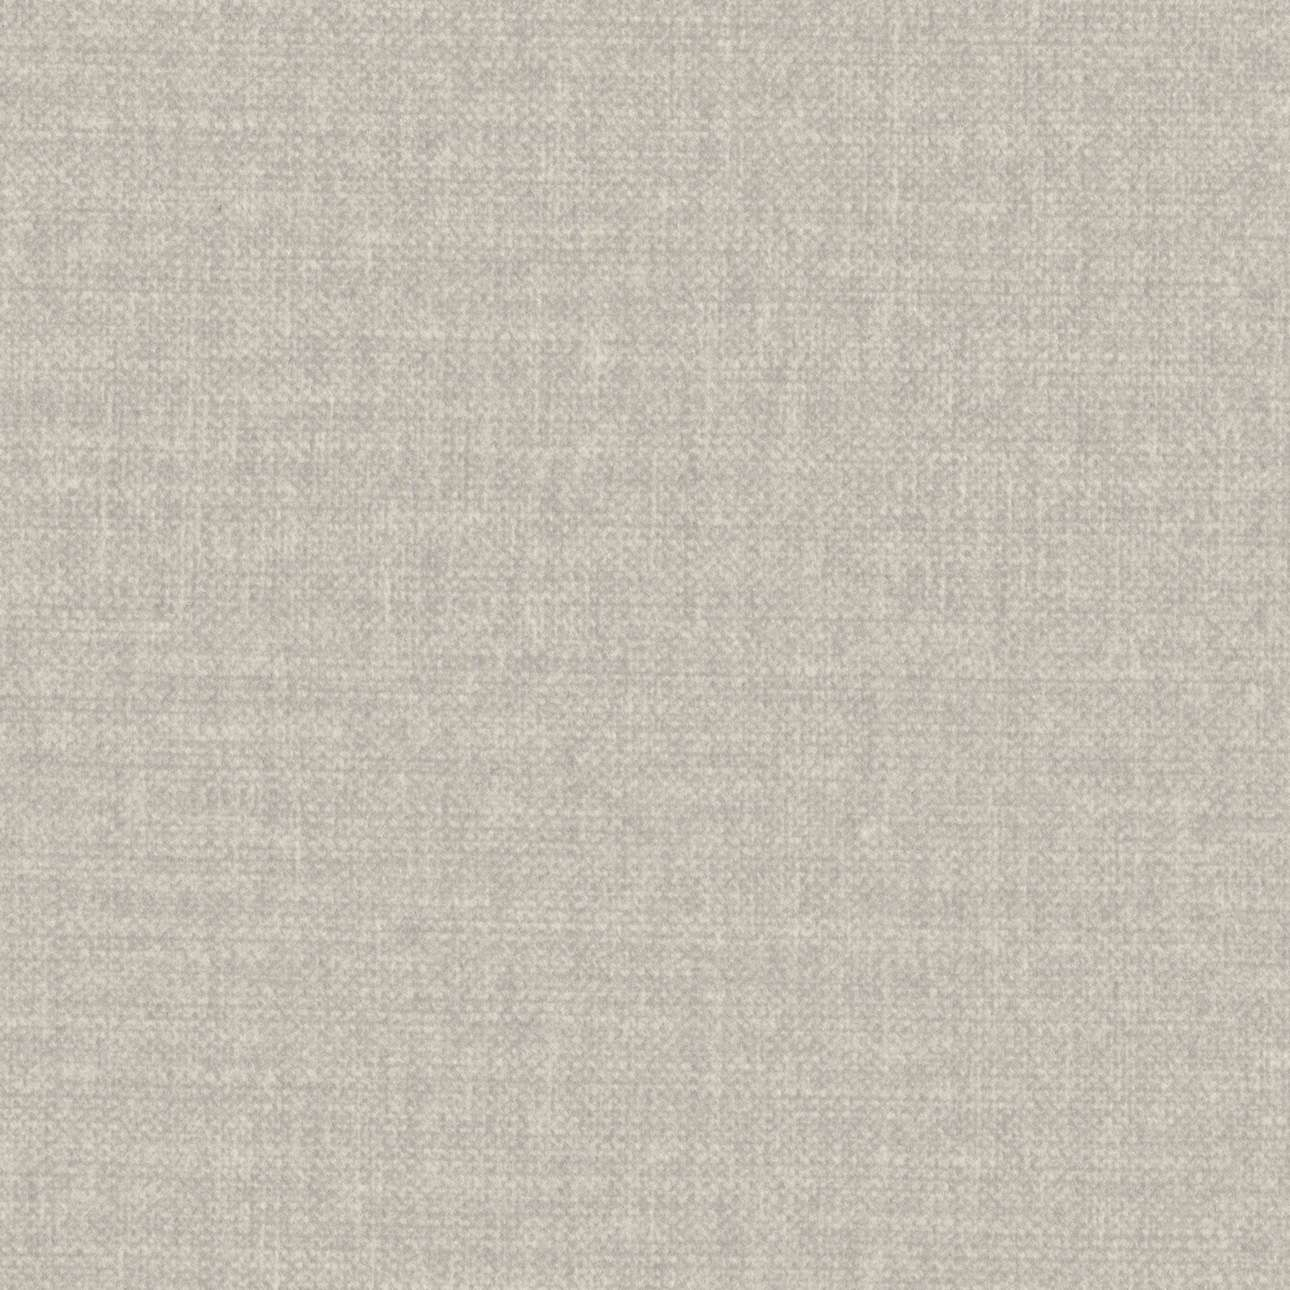 Poszewka Kinga na poduszkę w kolekcji Ingrid, tkanina: 705-40